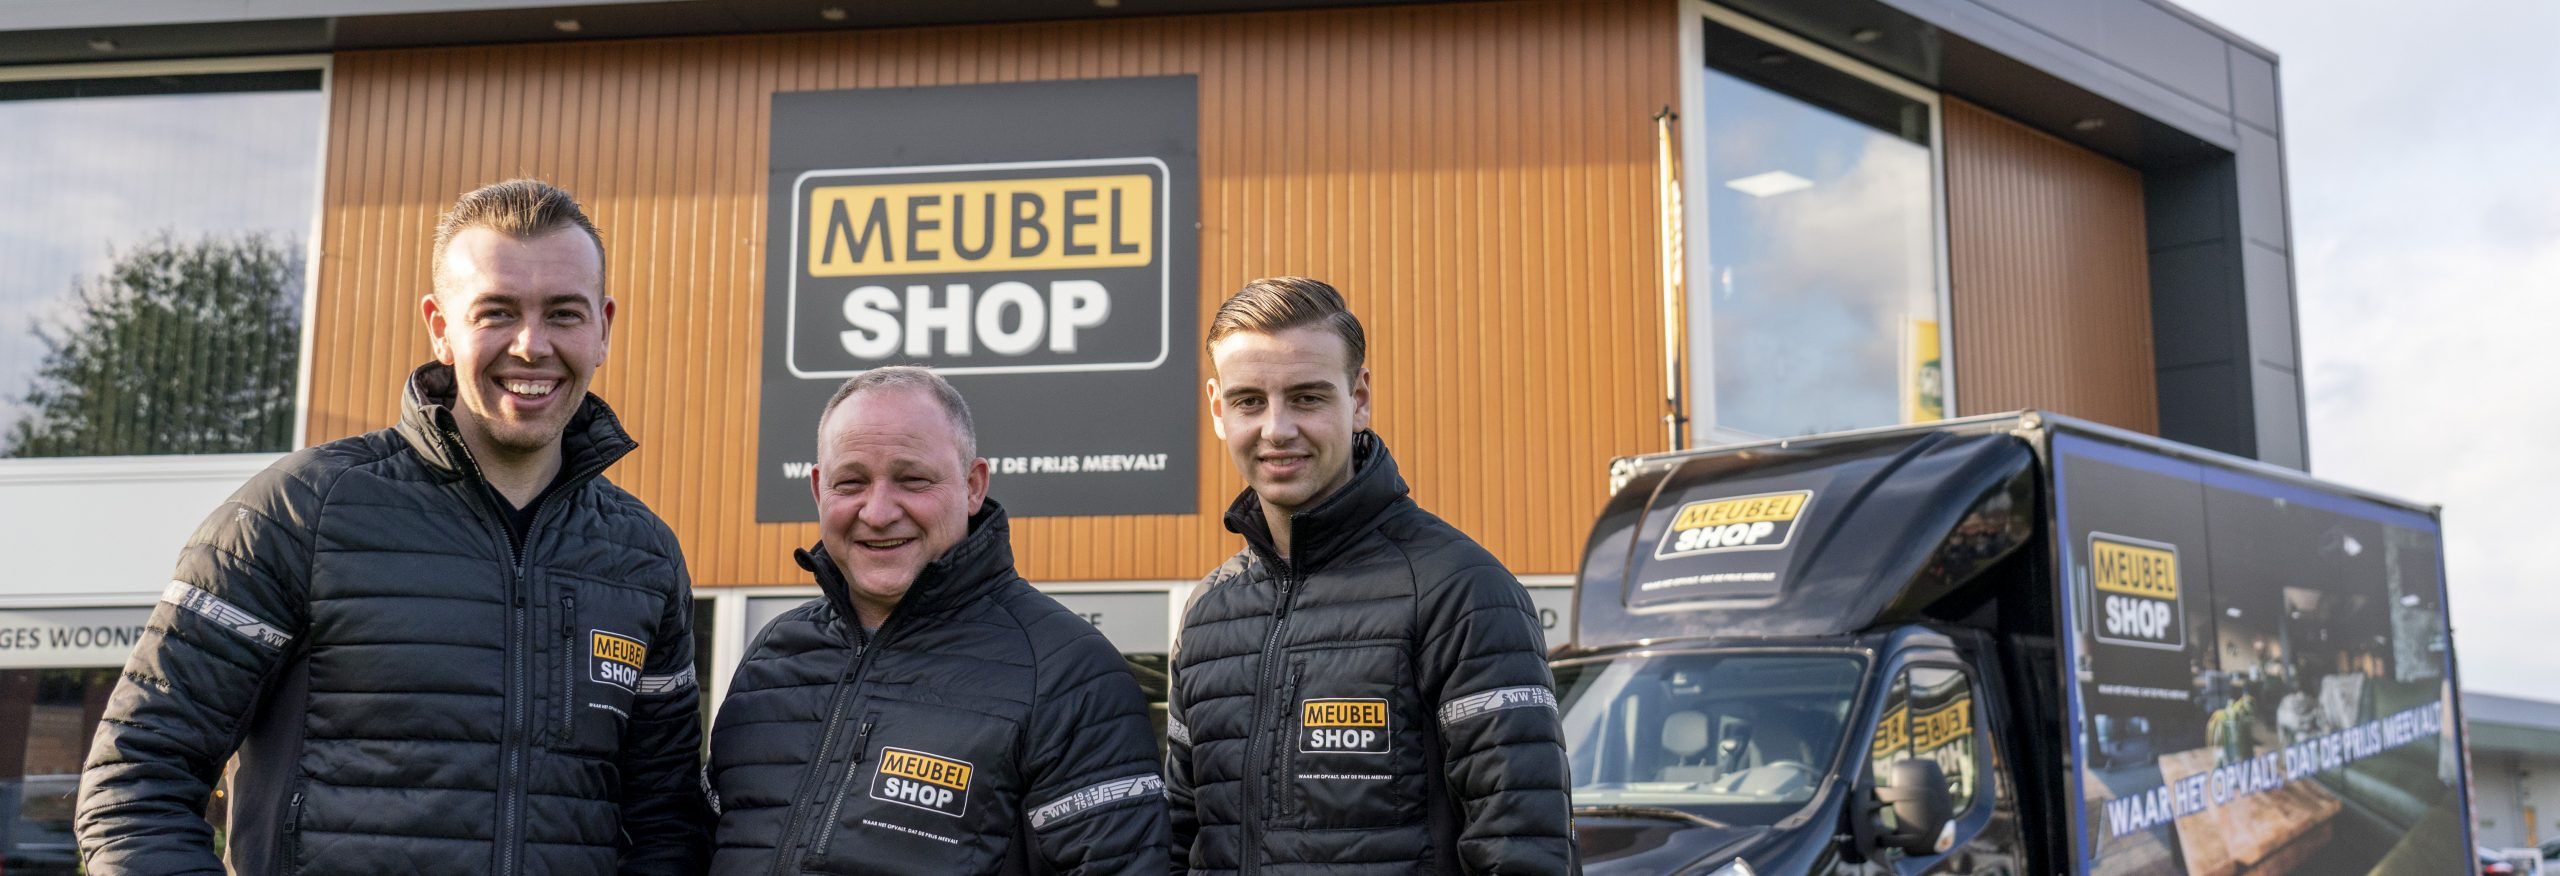 Team Meubelshop